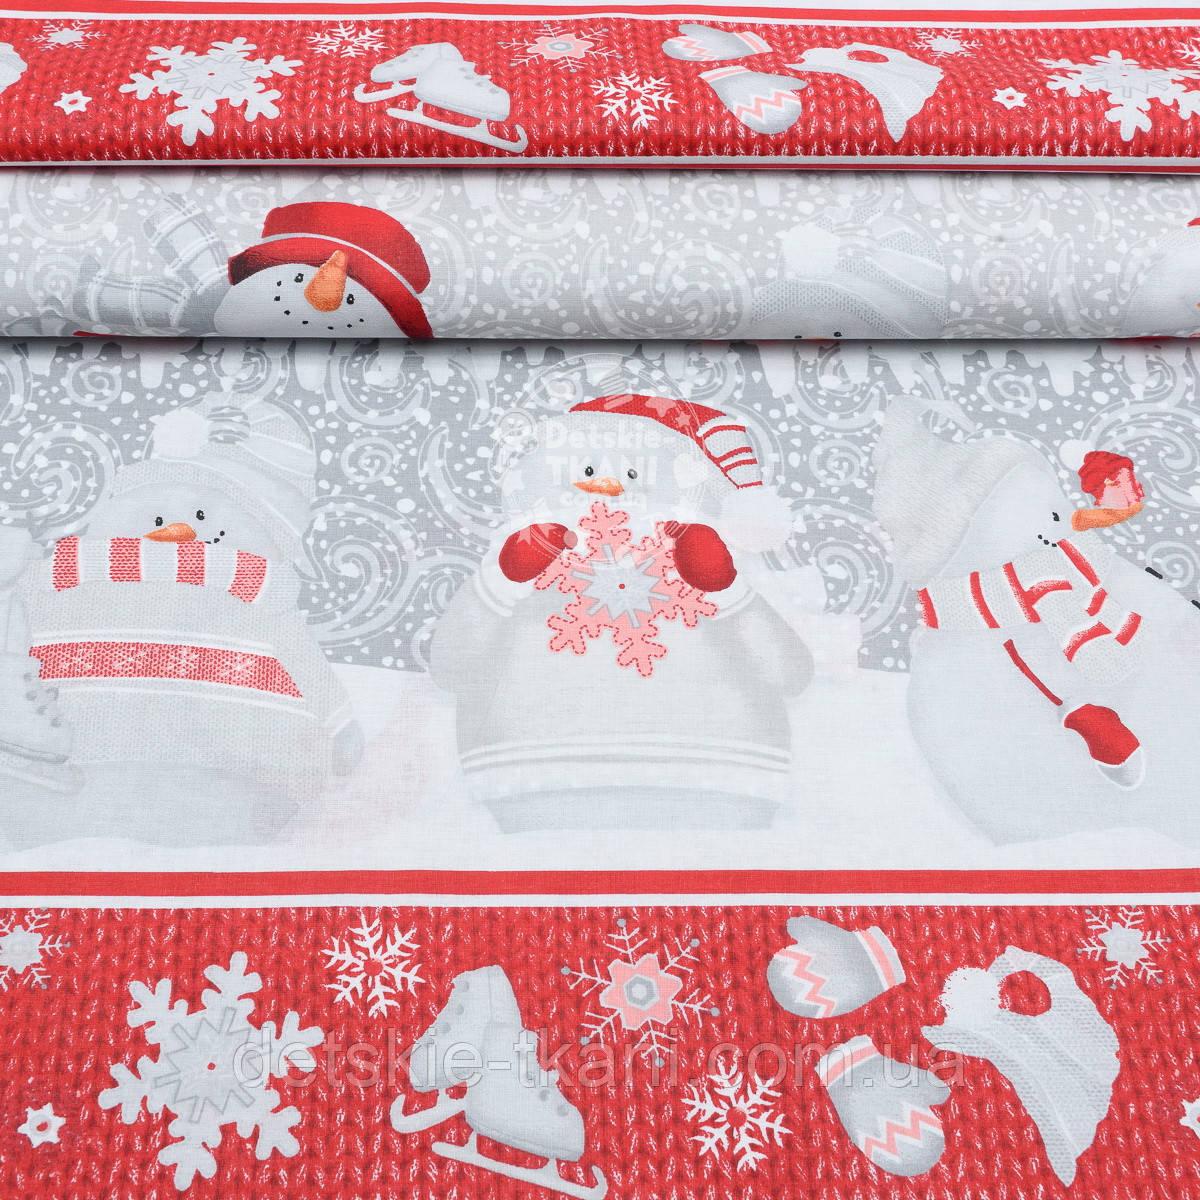 """Поплин с новогодним рисунком шириной 240 см """"Снеговики и красные полосы"""" на сером (№1669)"""